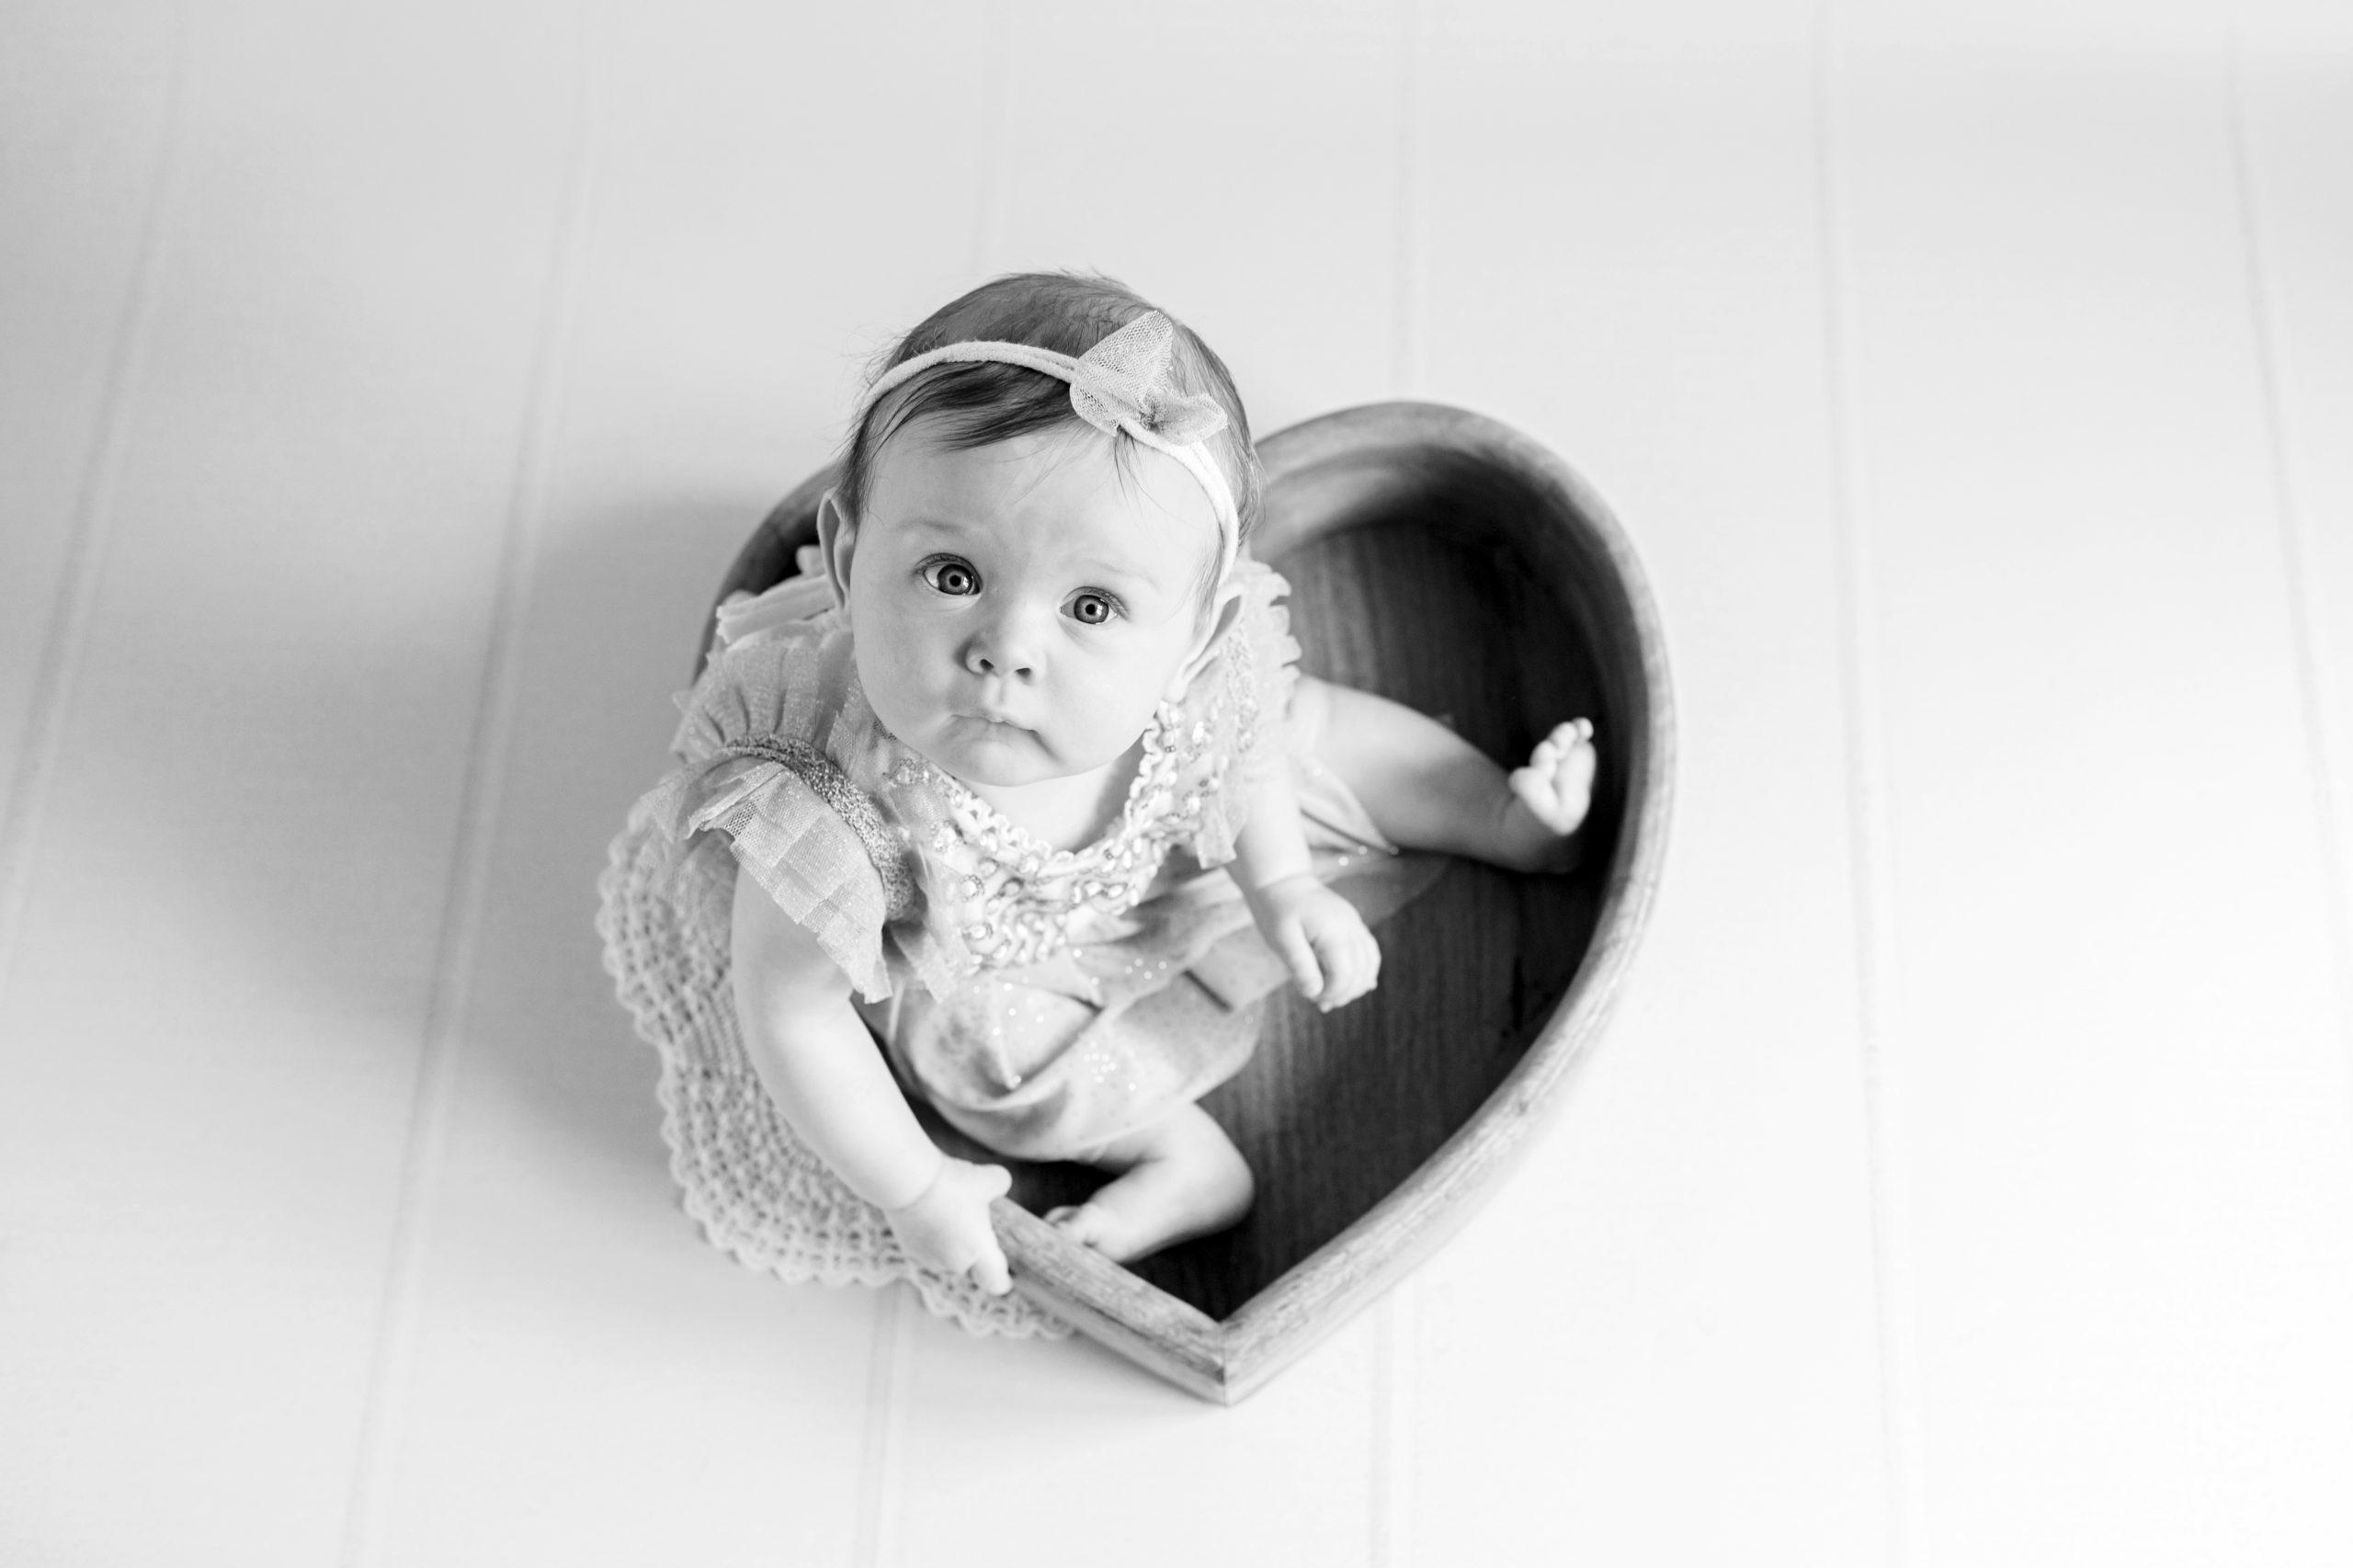 Coeur bébé 7 mois photo nouveau-né bébé homeostasie photographie Liège